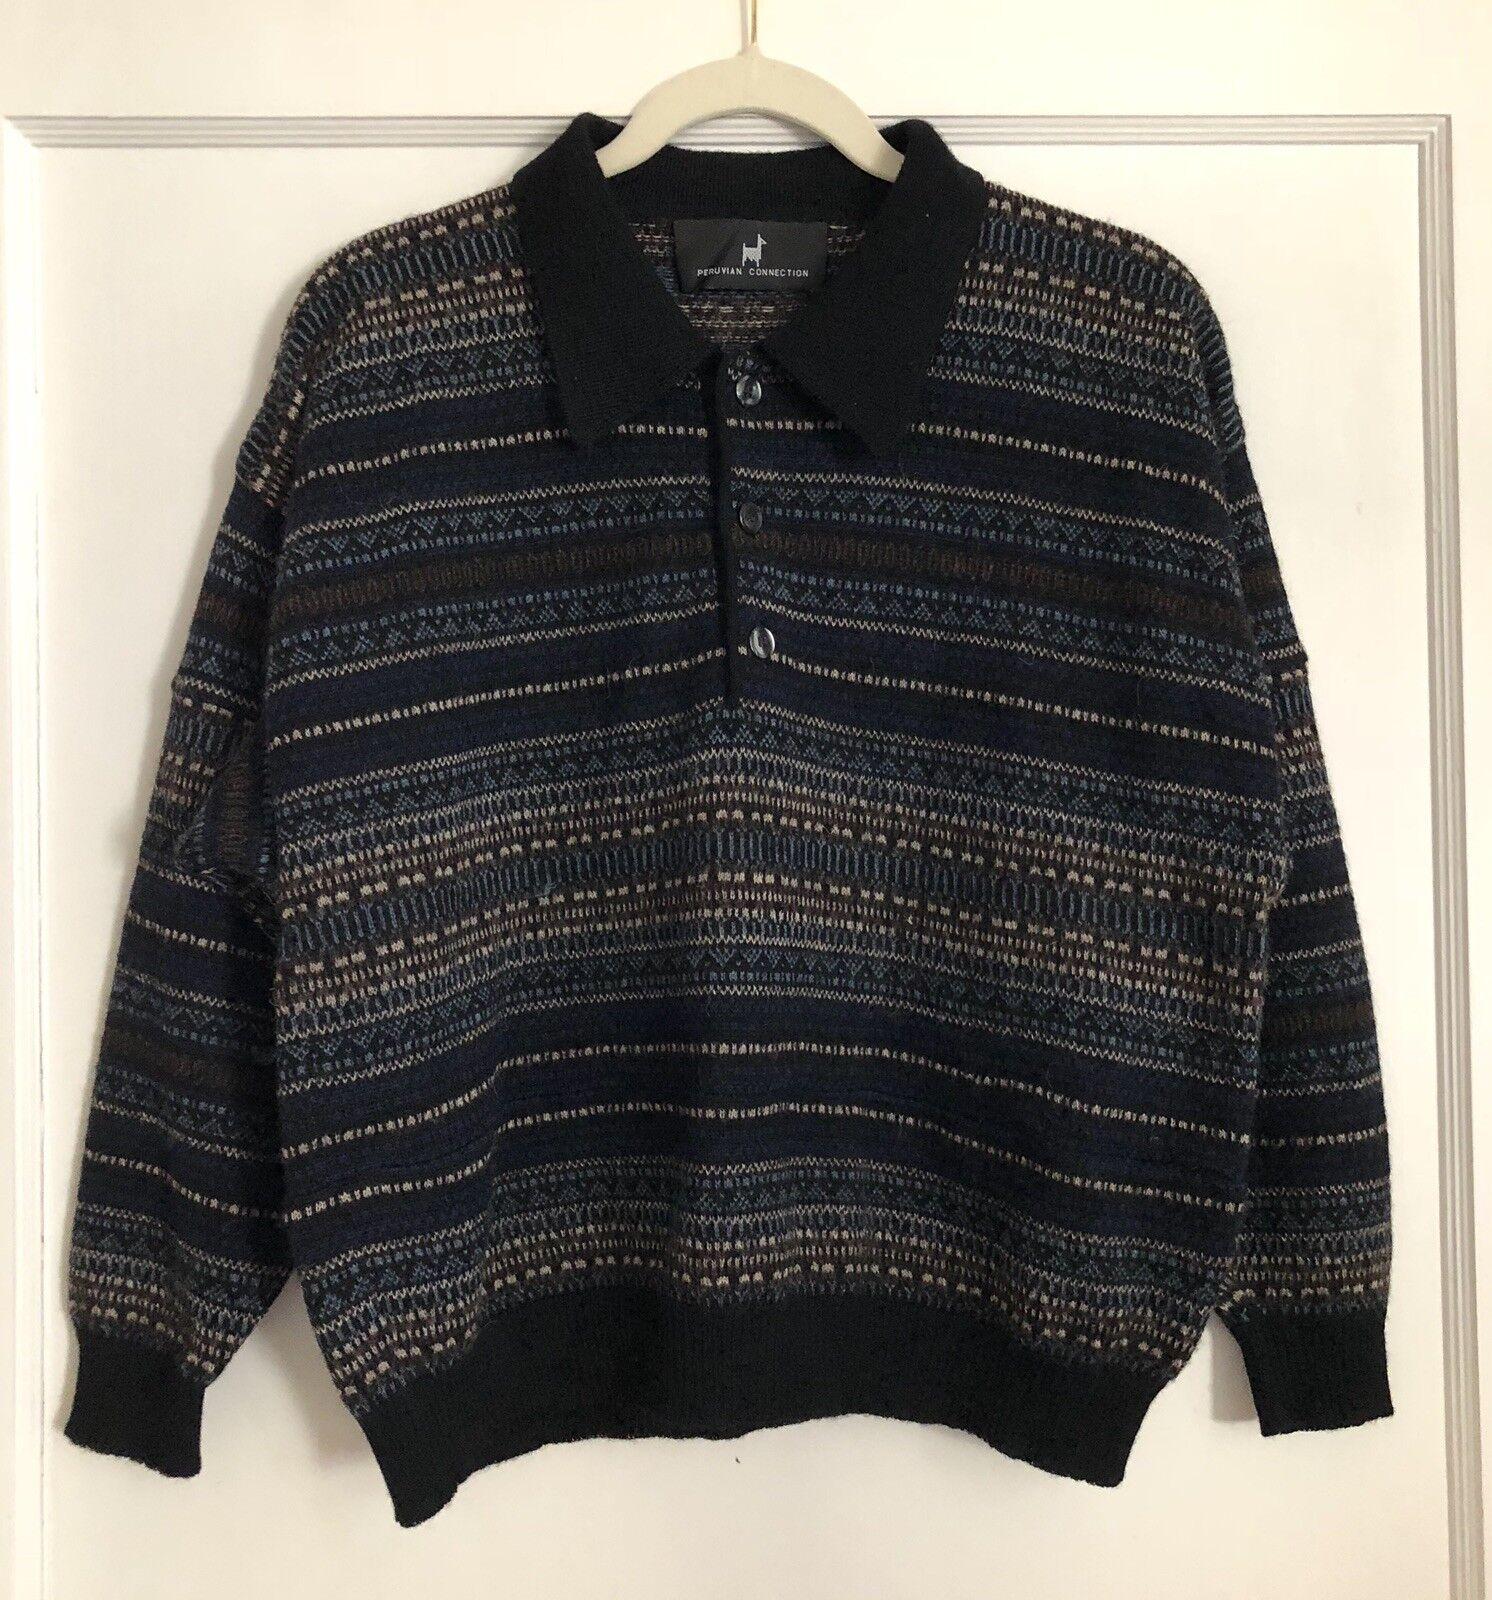 Herren Peruvian Connection 100% Alpaca Pullover Sweater Größe M